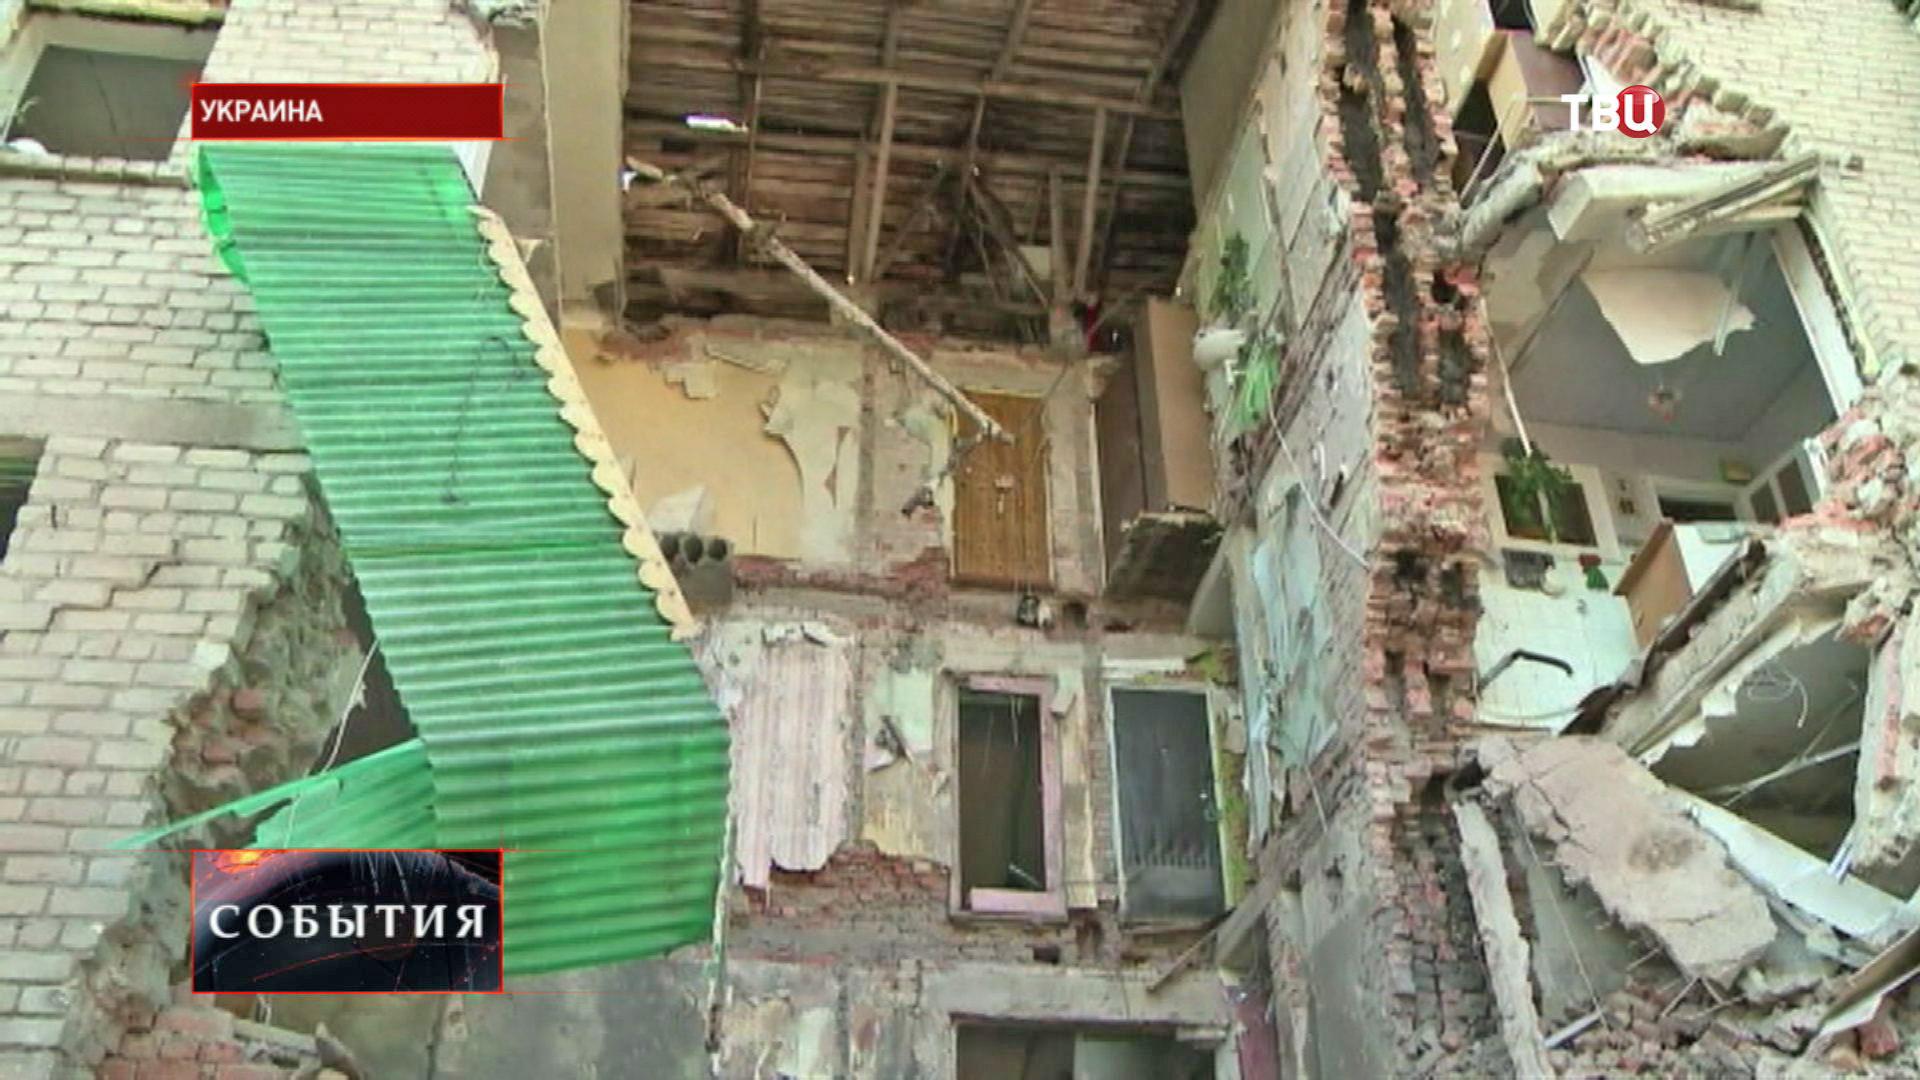 Разрушенный жилой дом в результате артобстрела